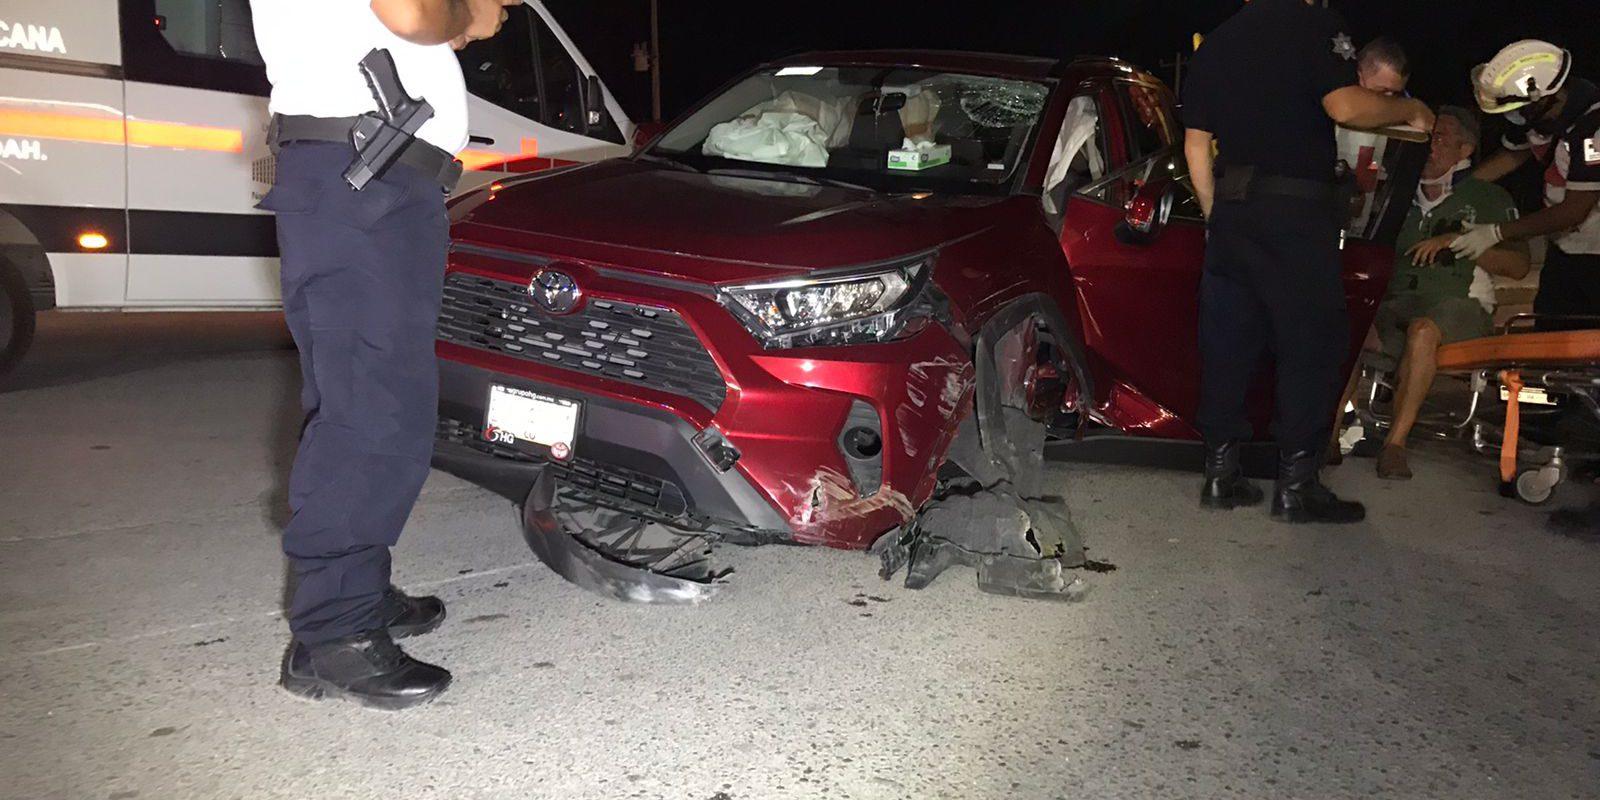 Policiaca: Sexagenario casi vuelca al tronarle y salirse una llanta delantera en bulevar San José de Monclova